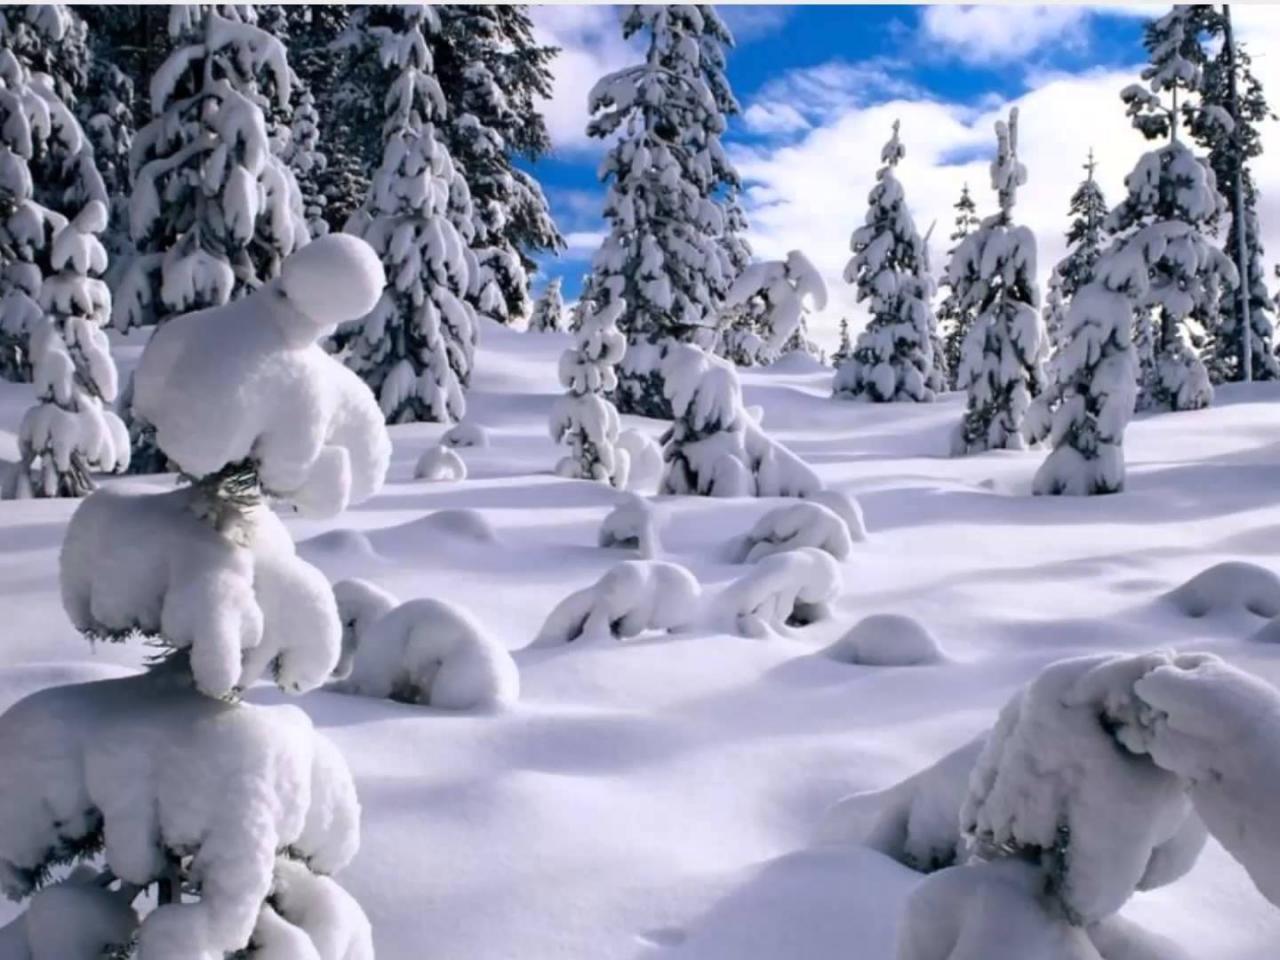 صورة صور عن البرد , البرد وصوره واختلاف الشعور بالبرد